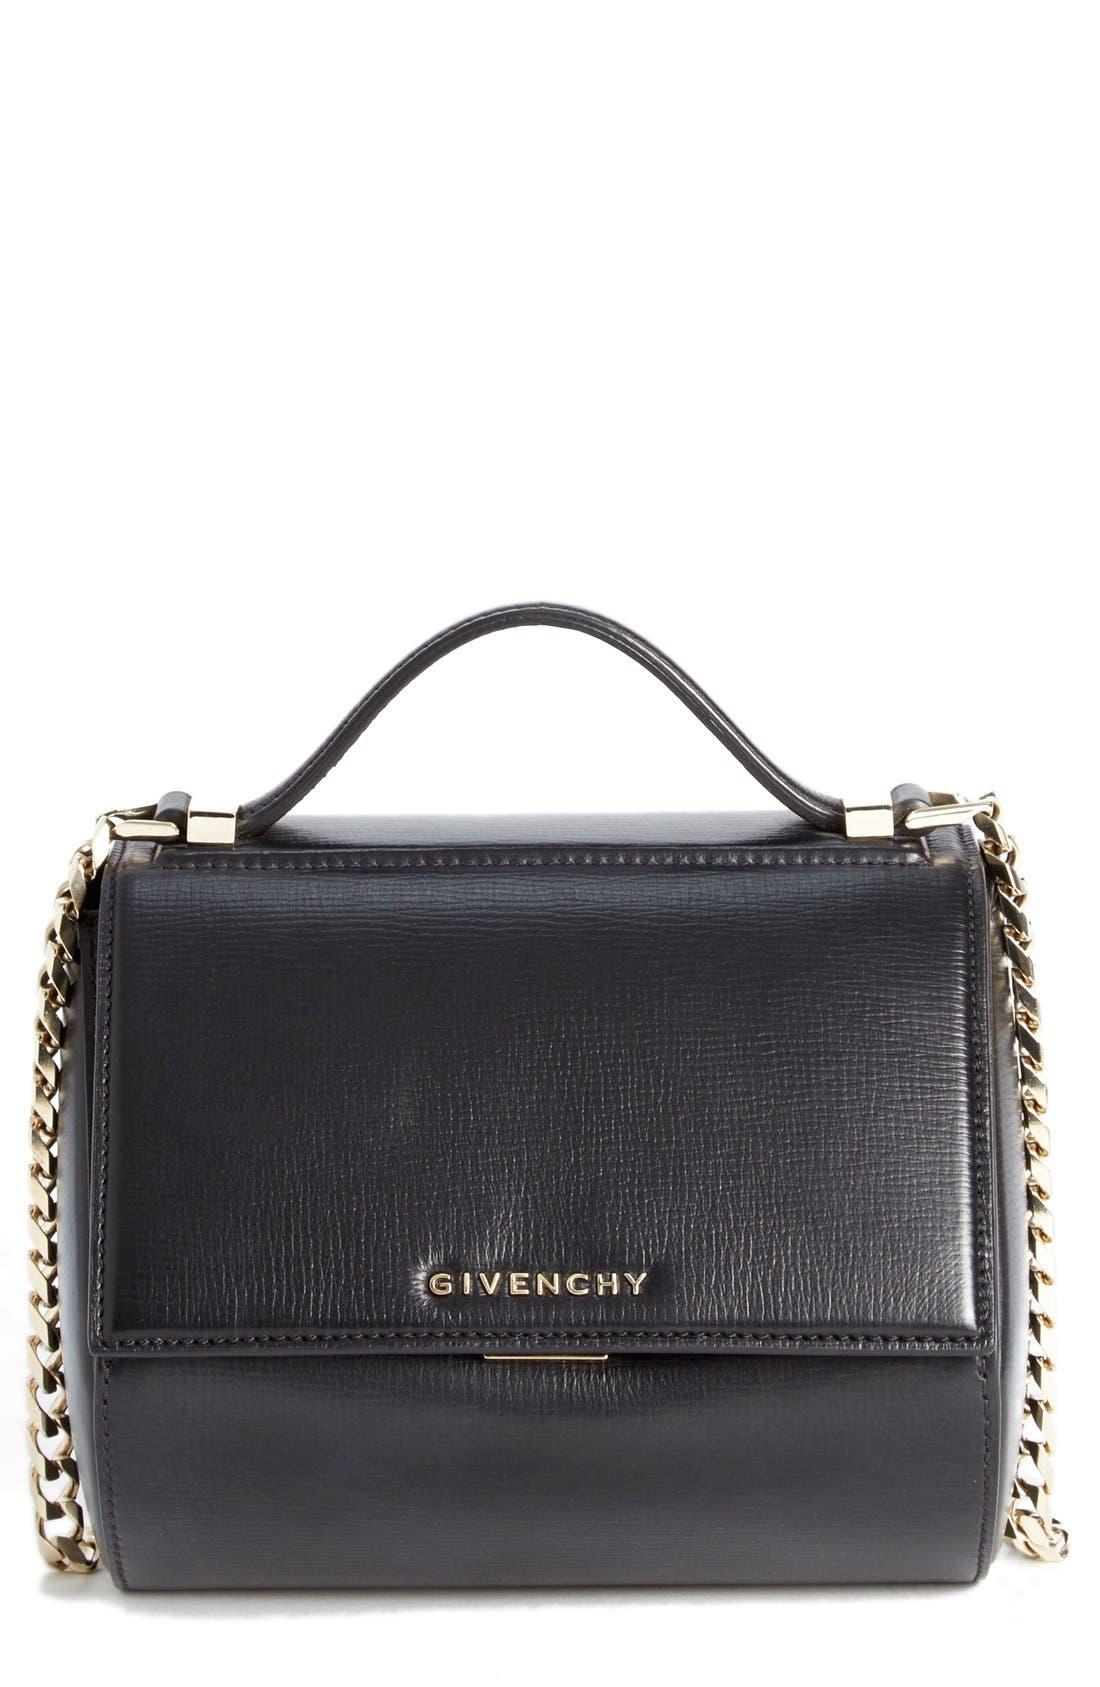 'Mini Pandora Box - Palma' Leather Shoulder Bag,                             Main thumbnail 1, color,                             001 BLACK